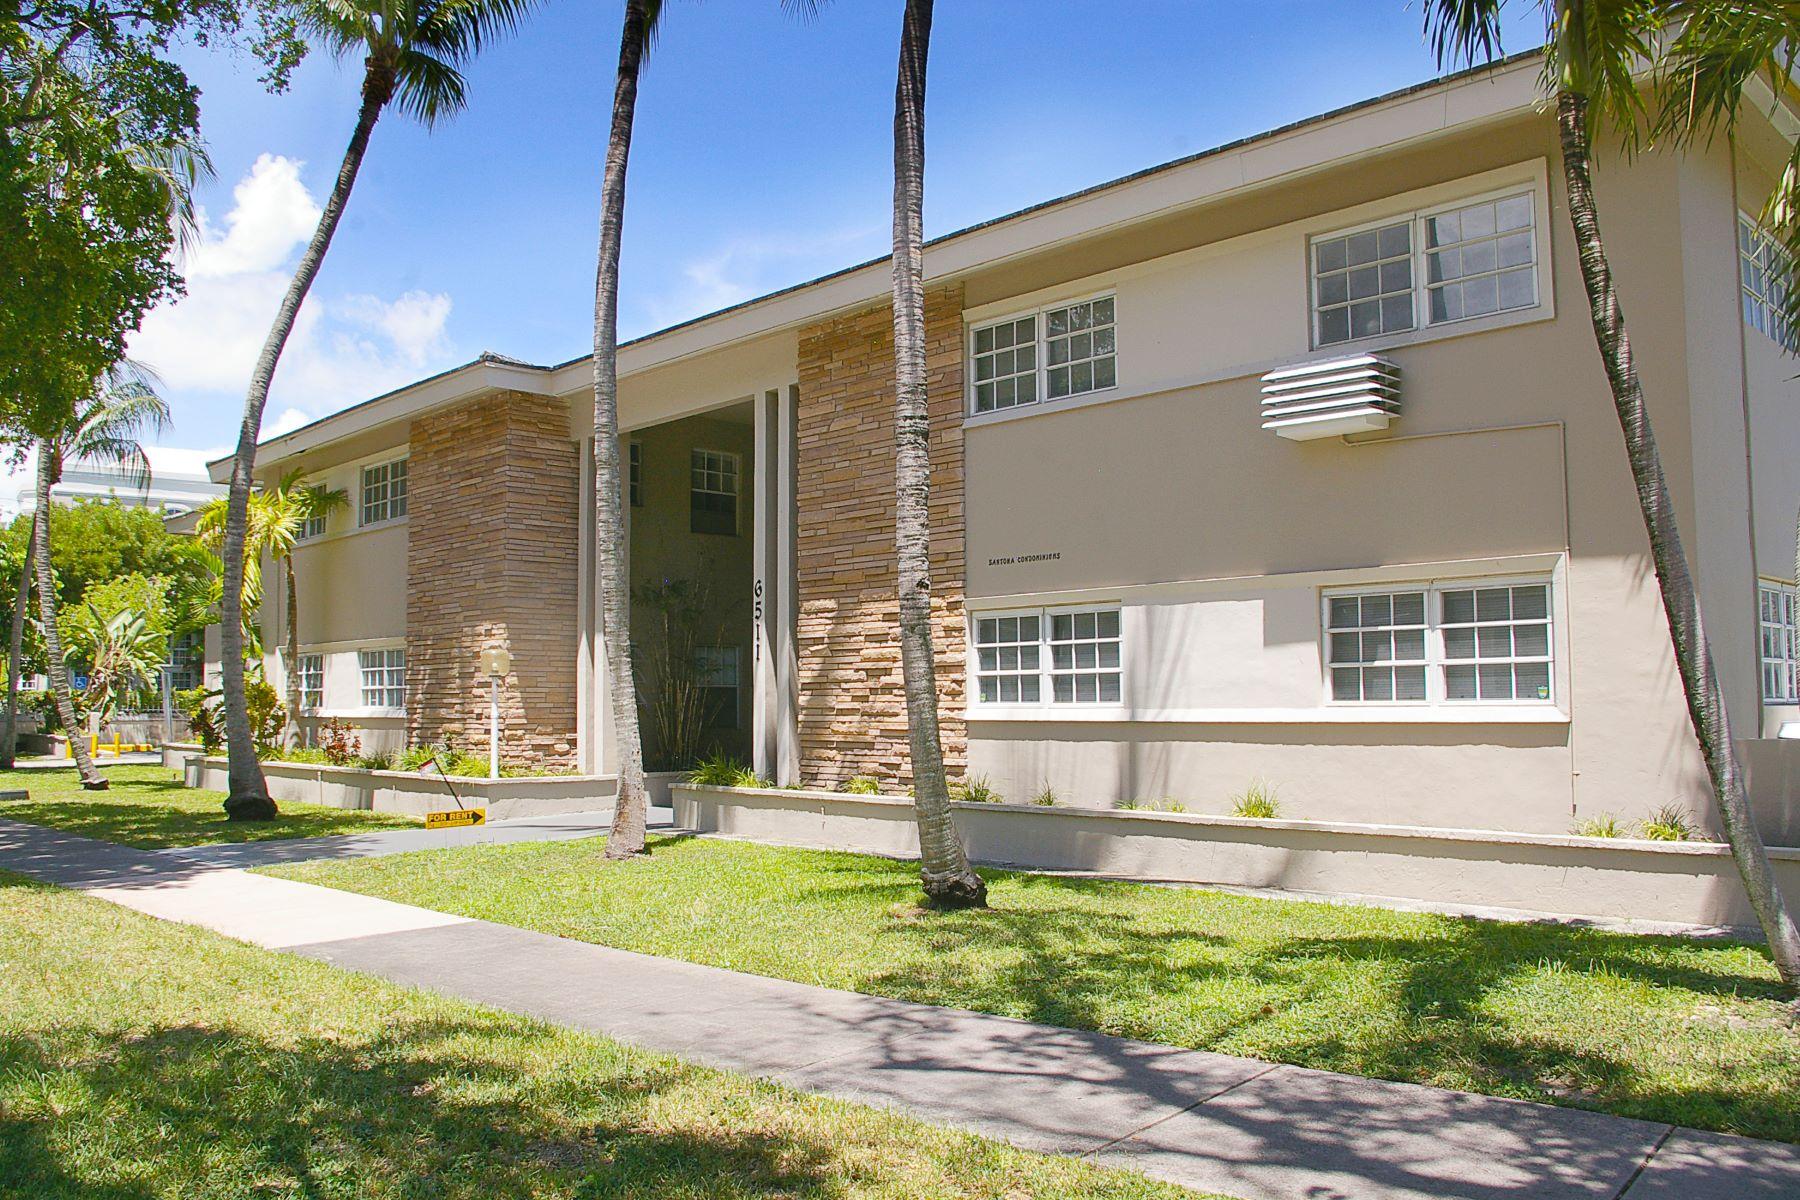 共管式独立产权公寓 为 出租 在 6511 Santona St #C3 6511 Santona St C3 科勒尔盖布尔斯, 佛罗里达州 33146 美国